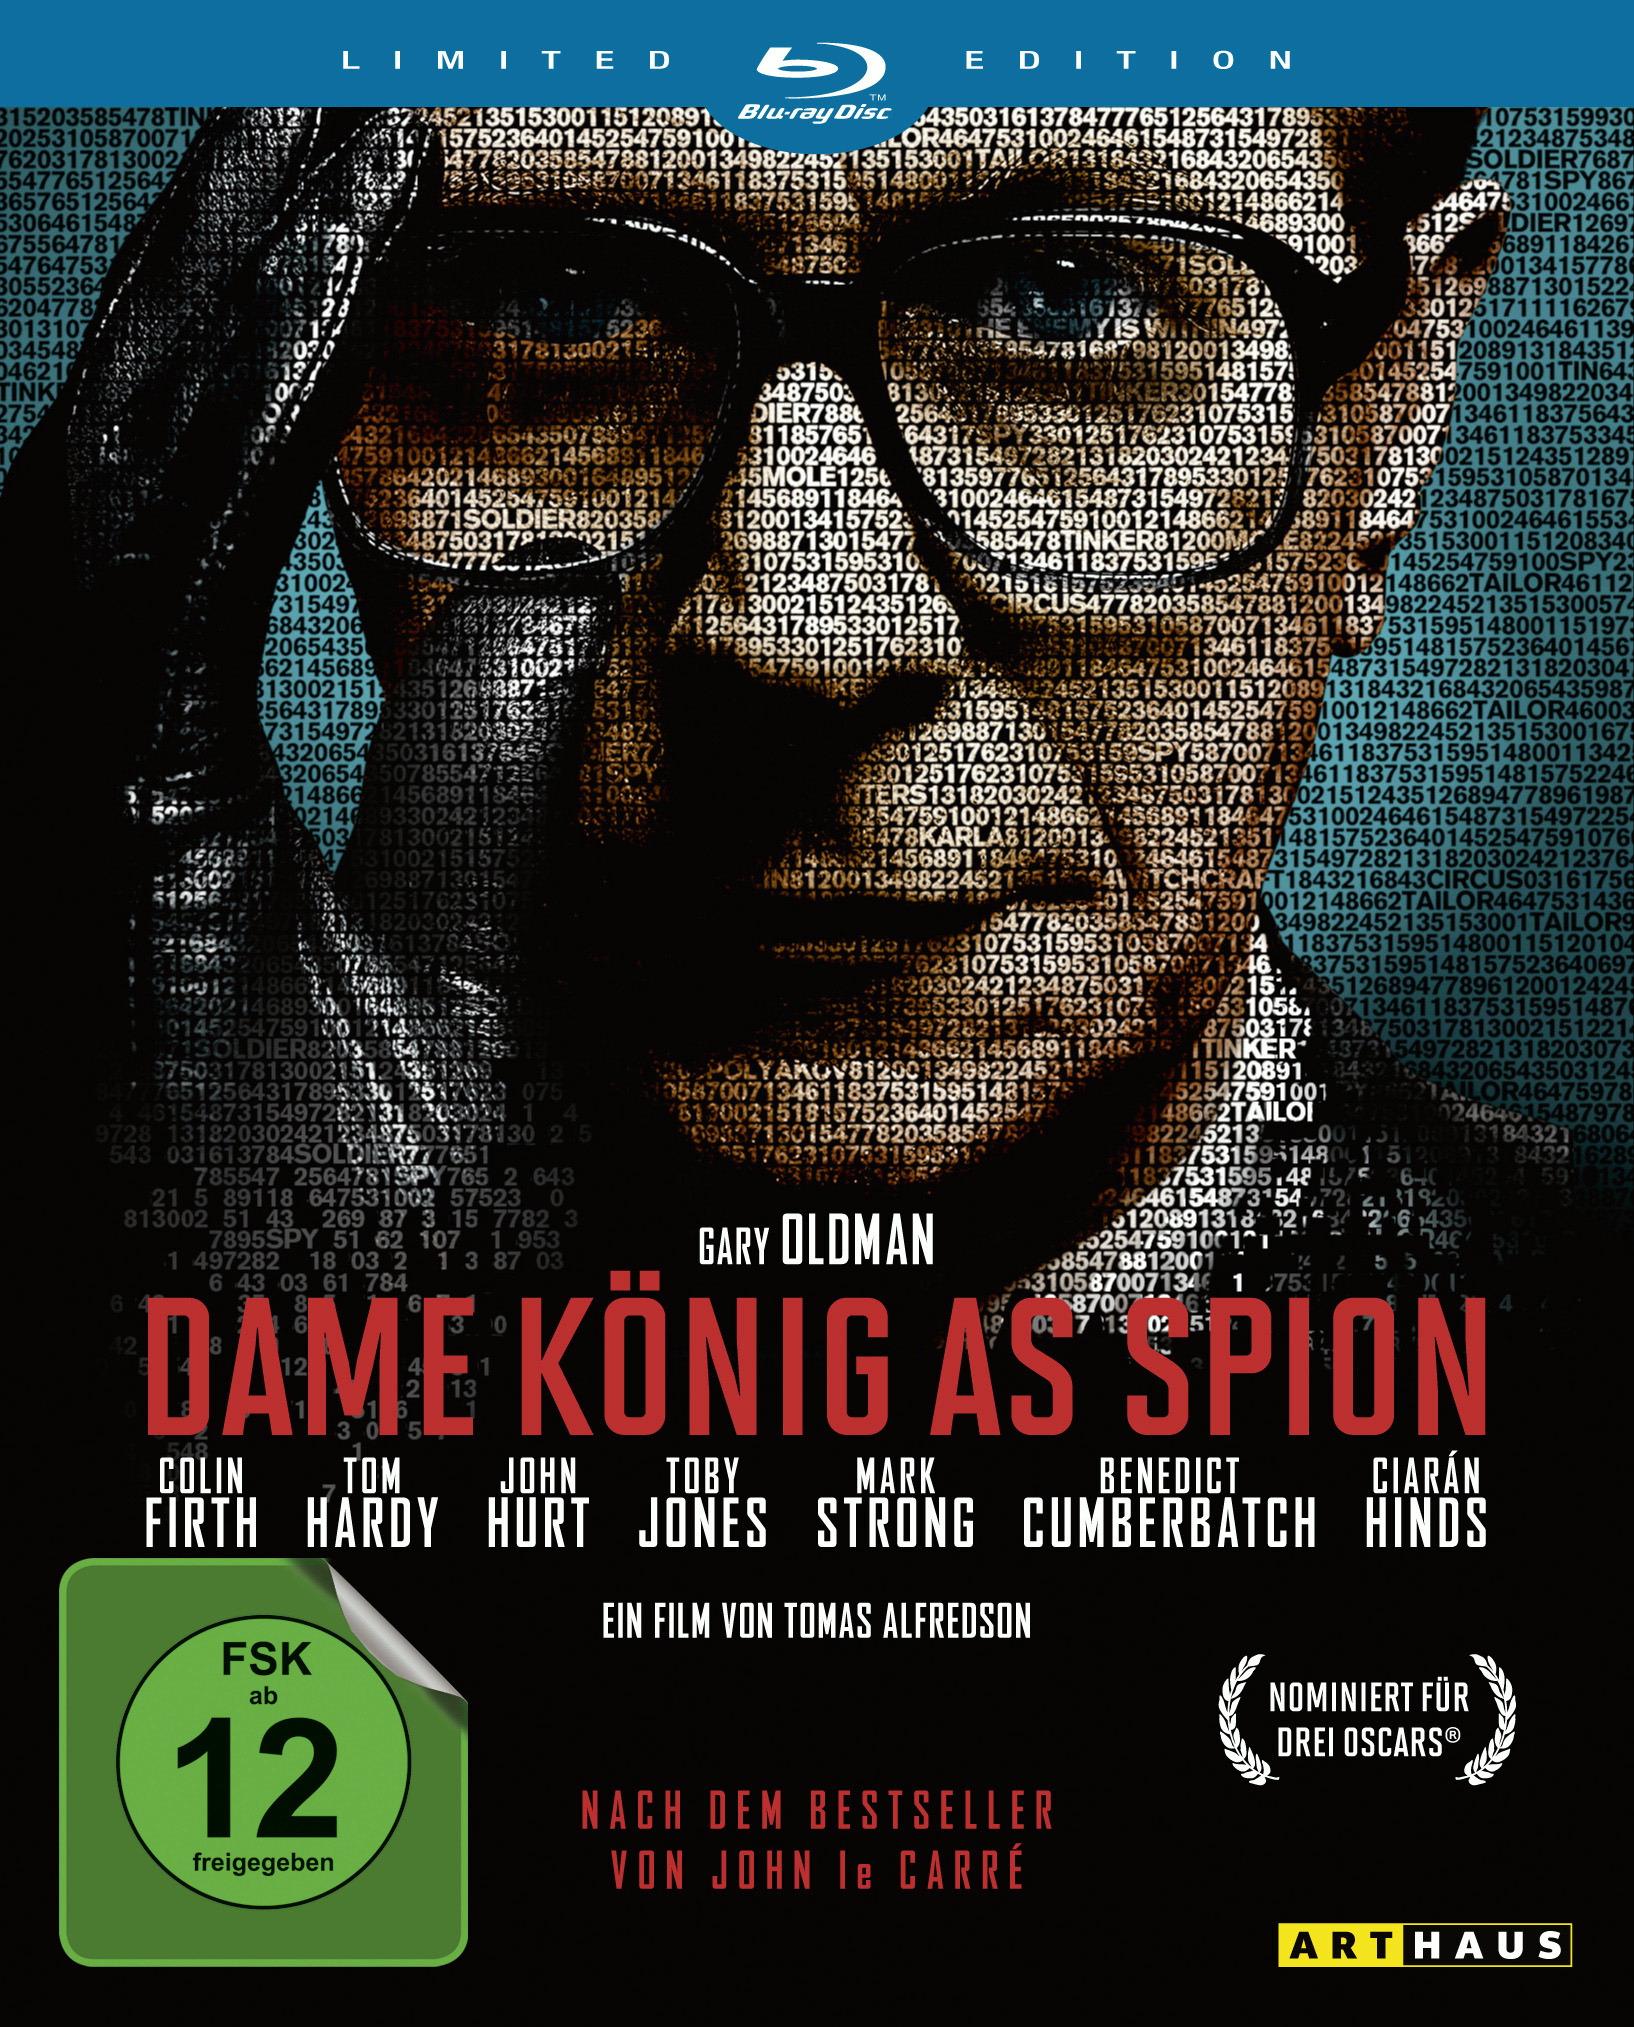 Dame König As Spion (Limited Edition) Poster